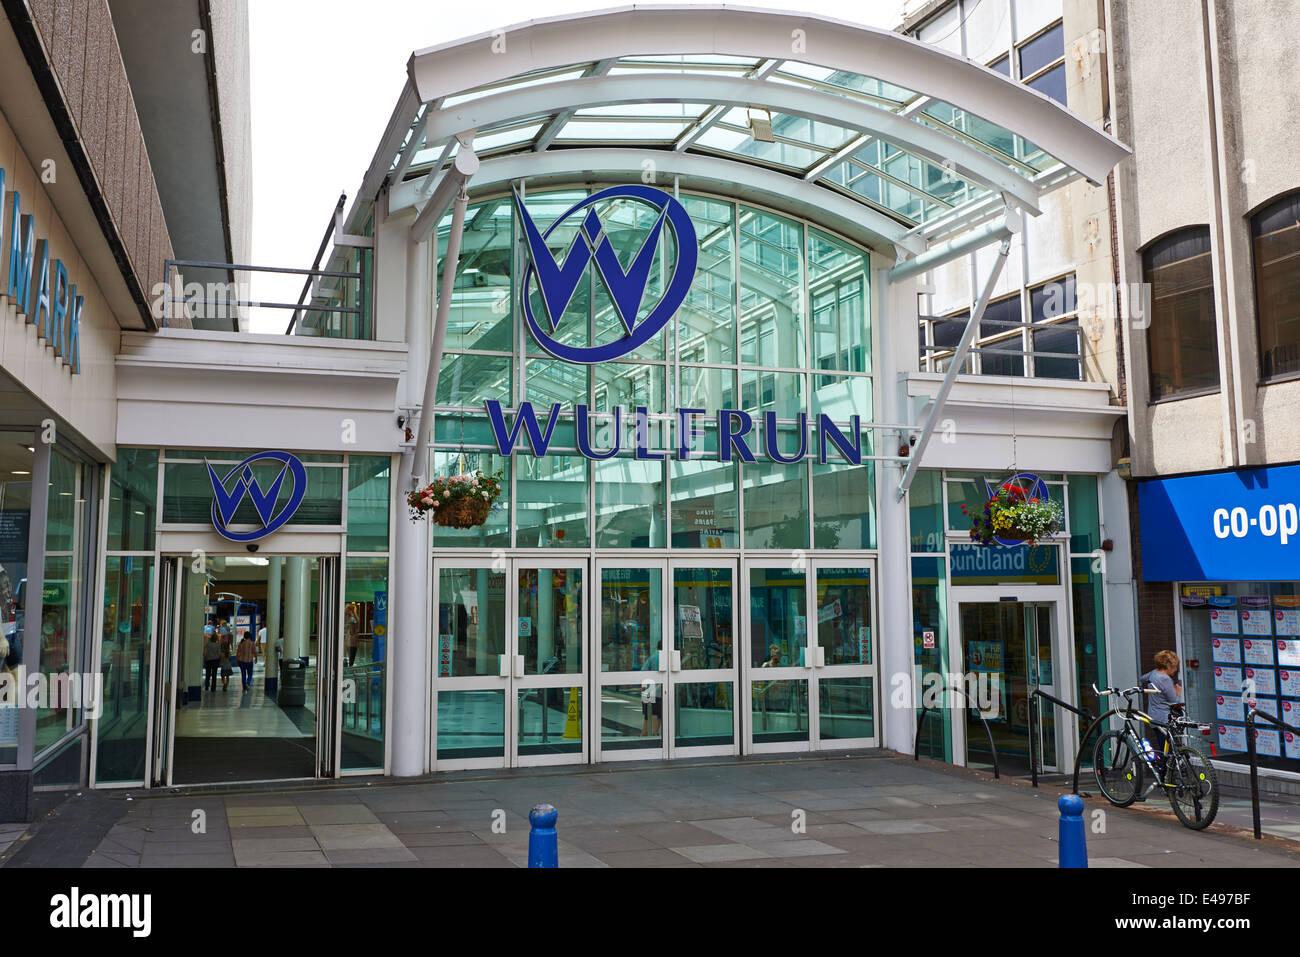 Wulfrun centre